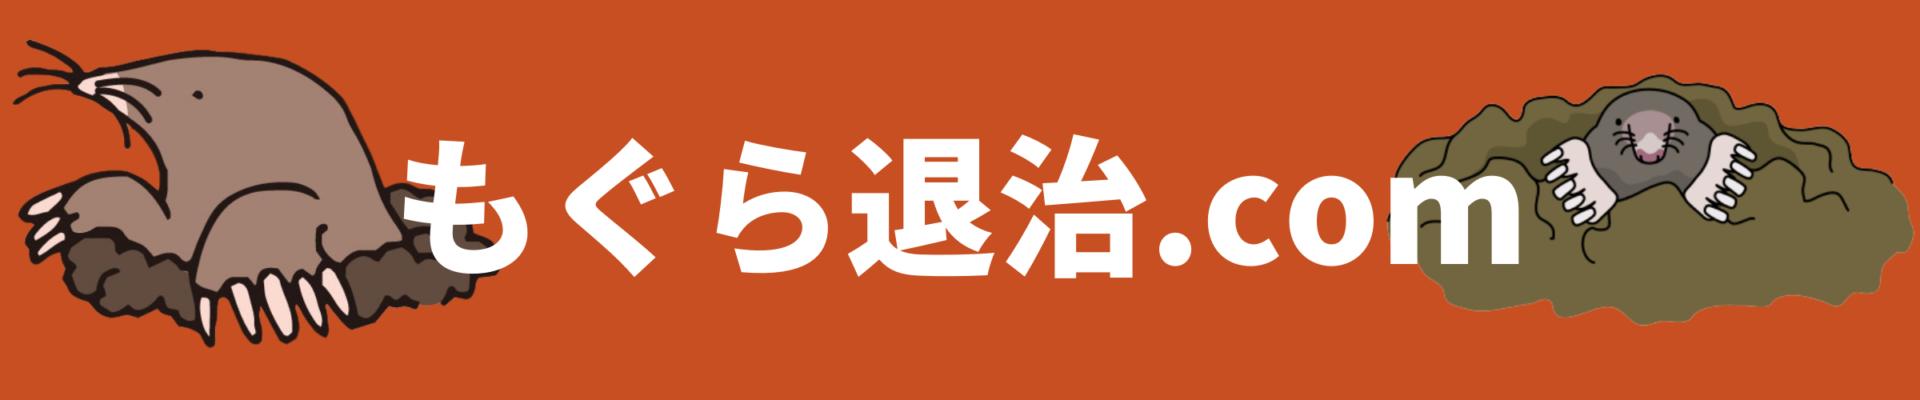 もぐら退治.com